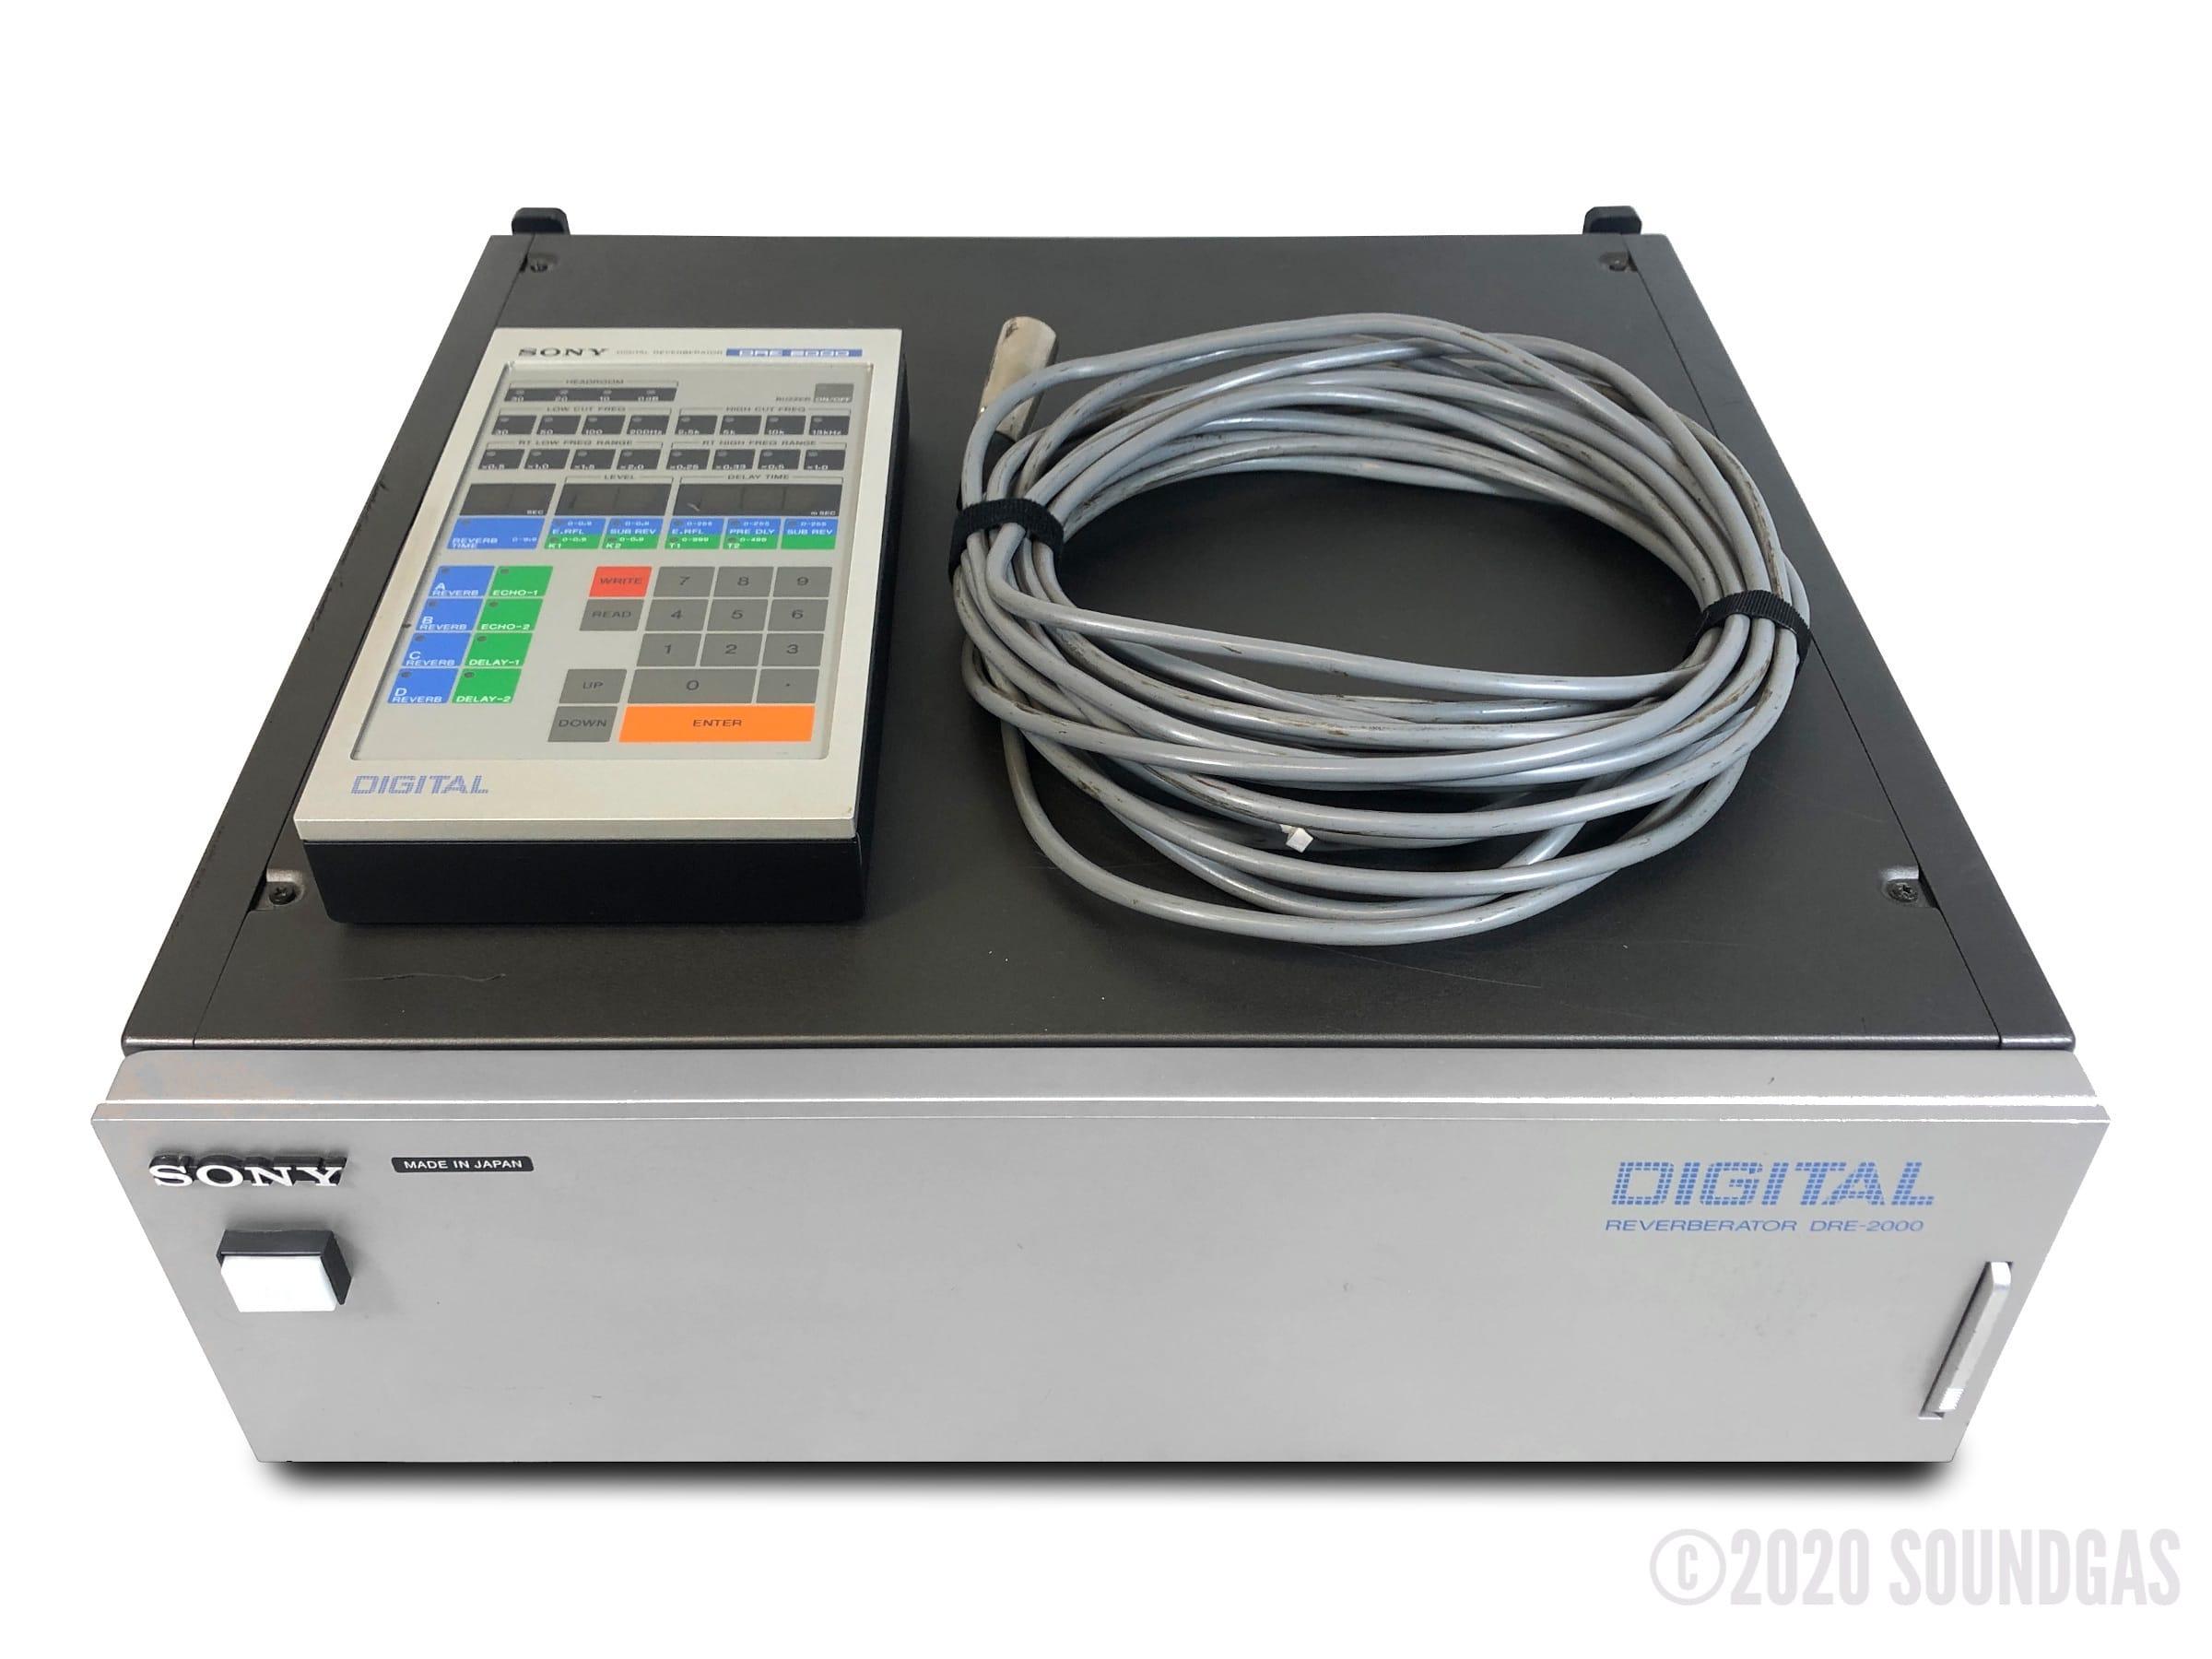 Sony-DRE-2000-Digitla-Reverberator-SN1211-Cover-2